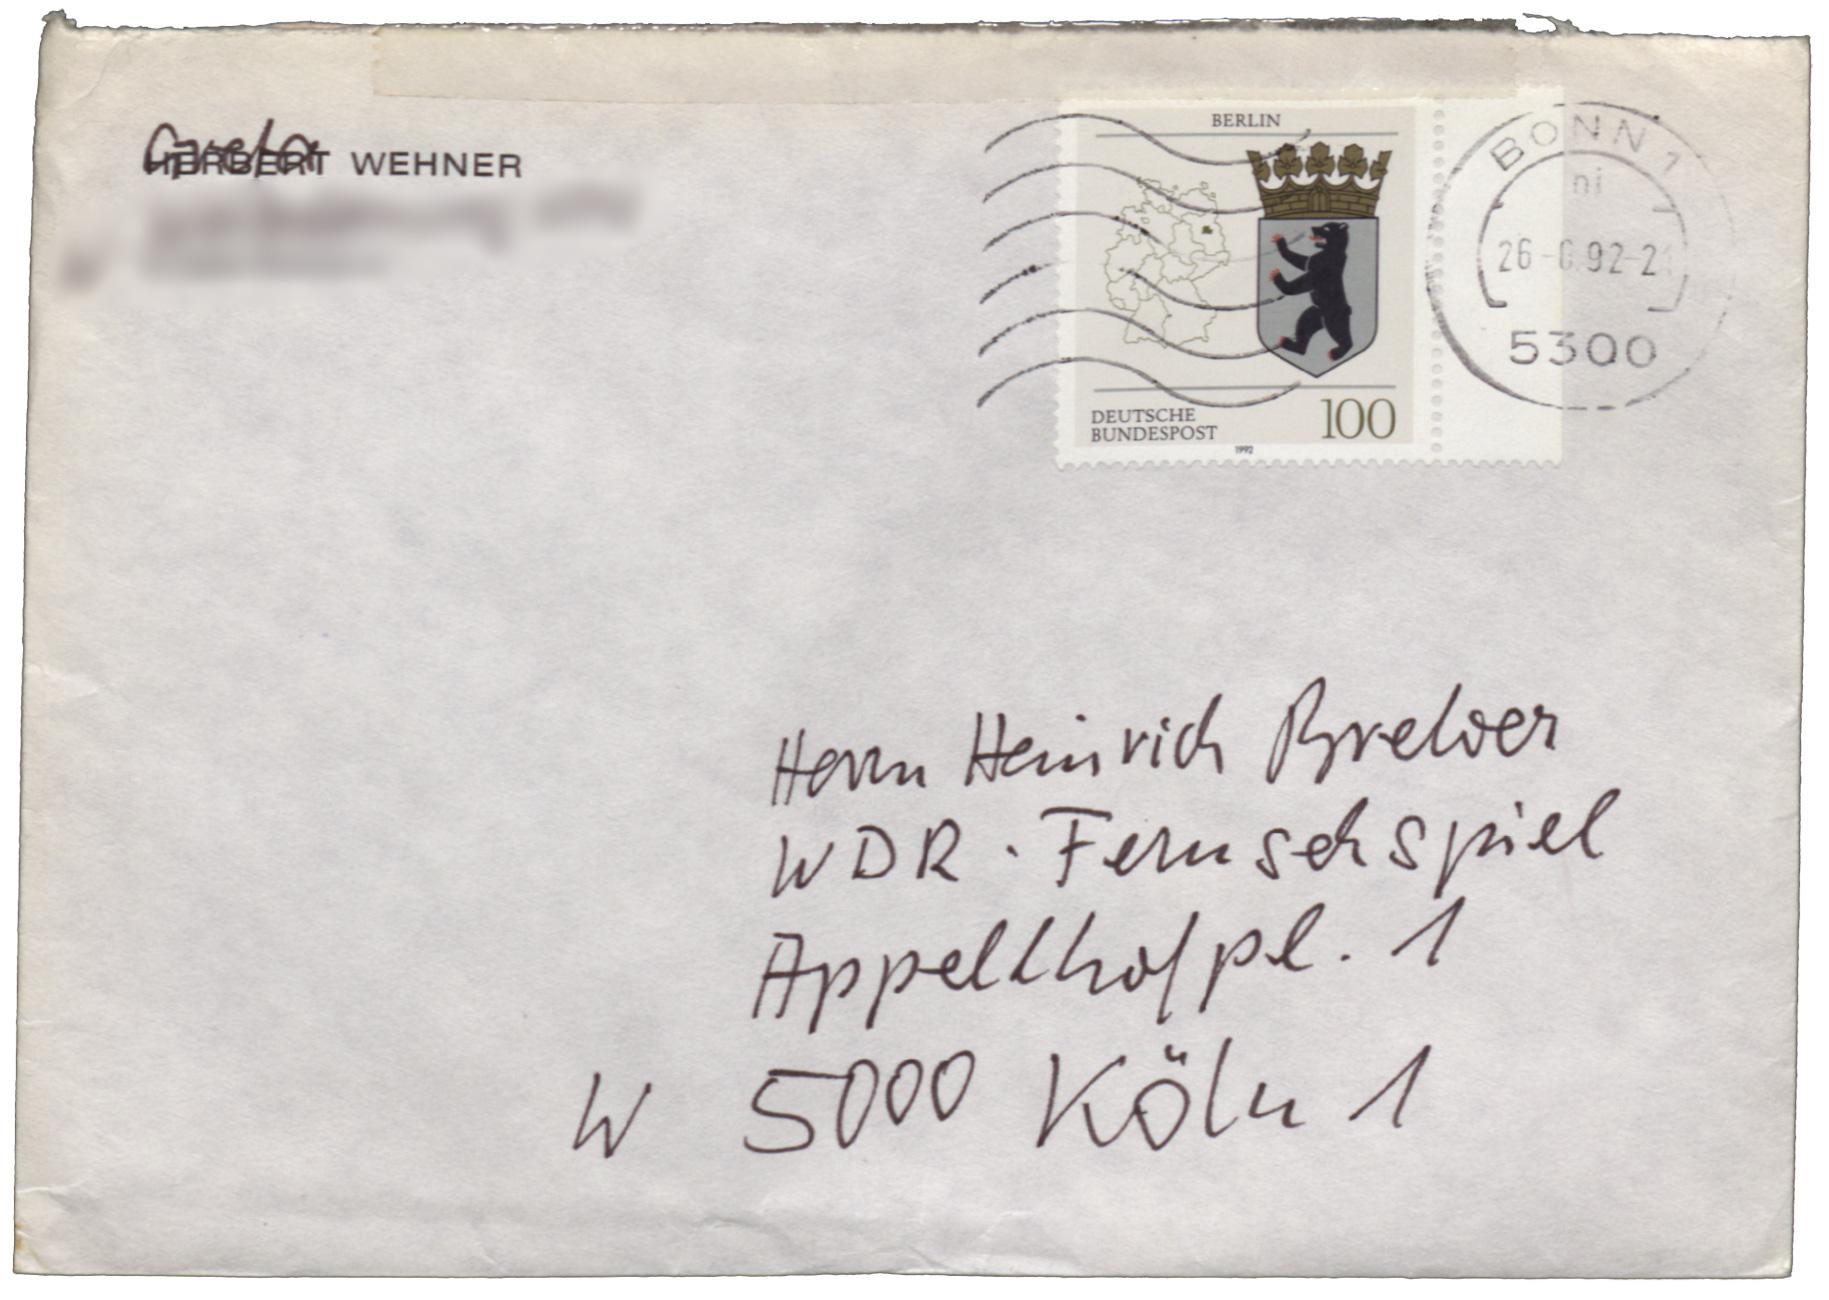 Umschlag GretaWehner Vorderseite_ba